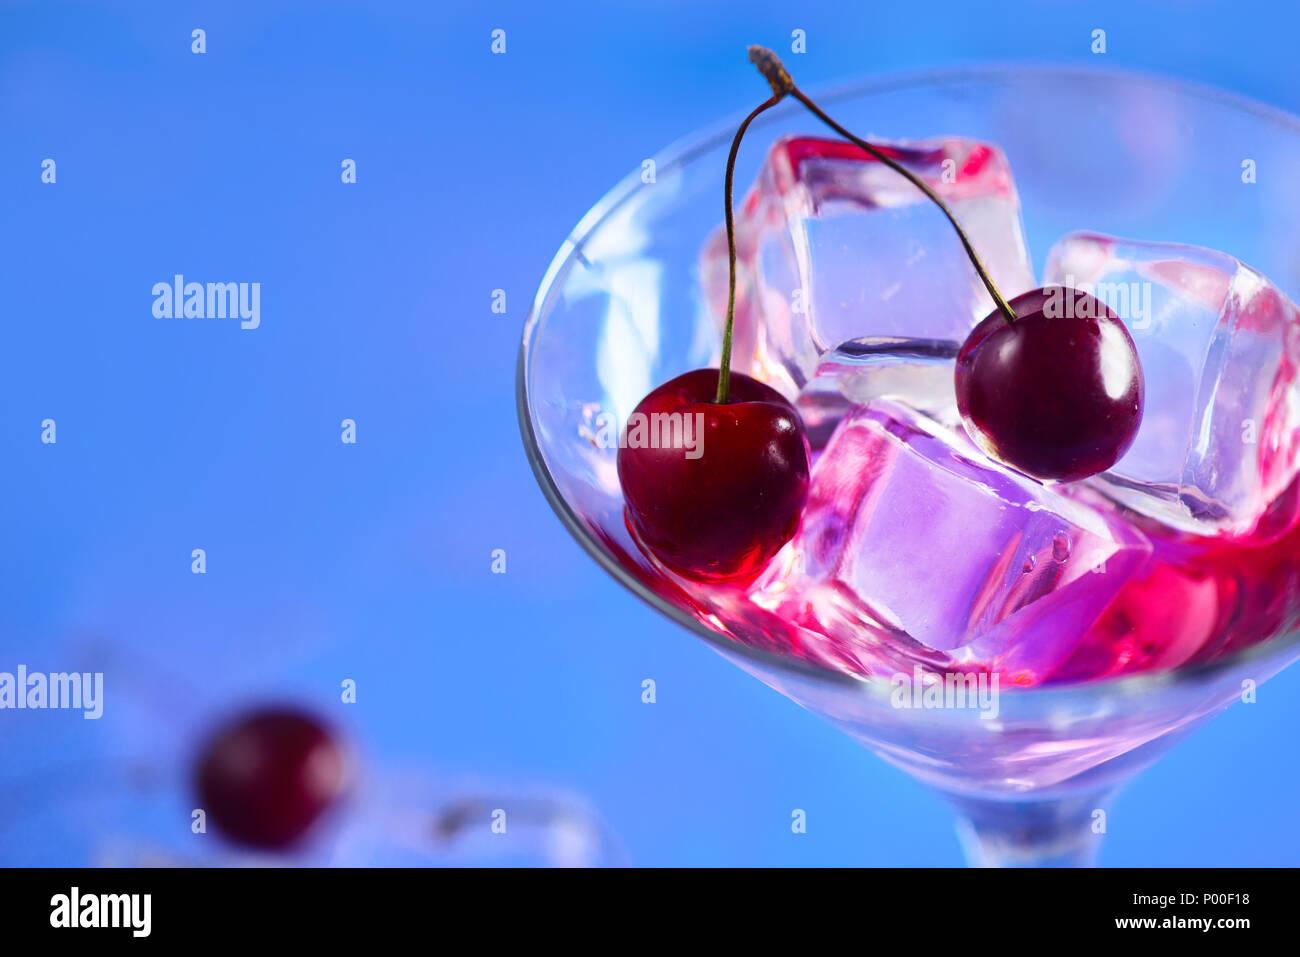 Cóctel de cerezas cerca. Copa de Martini con cubitos de hielo y las cerezas en un fondo azul brillante con espacio de copia. Día de verano refrescante concepto Imagen De Stock